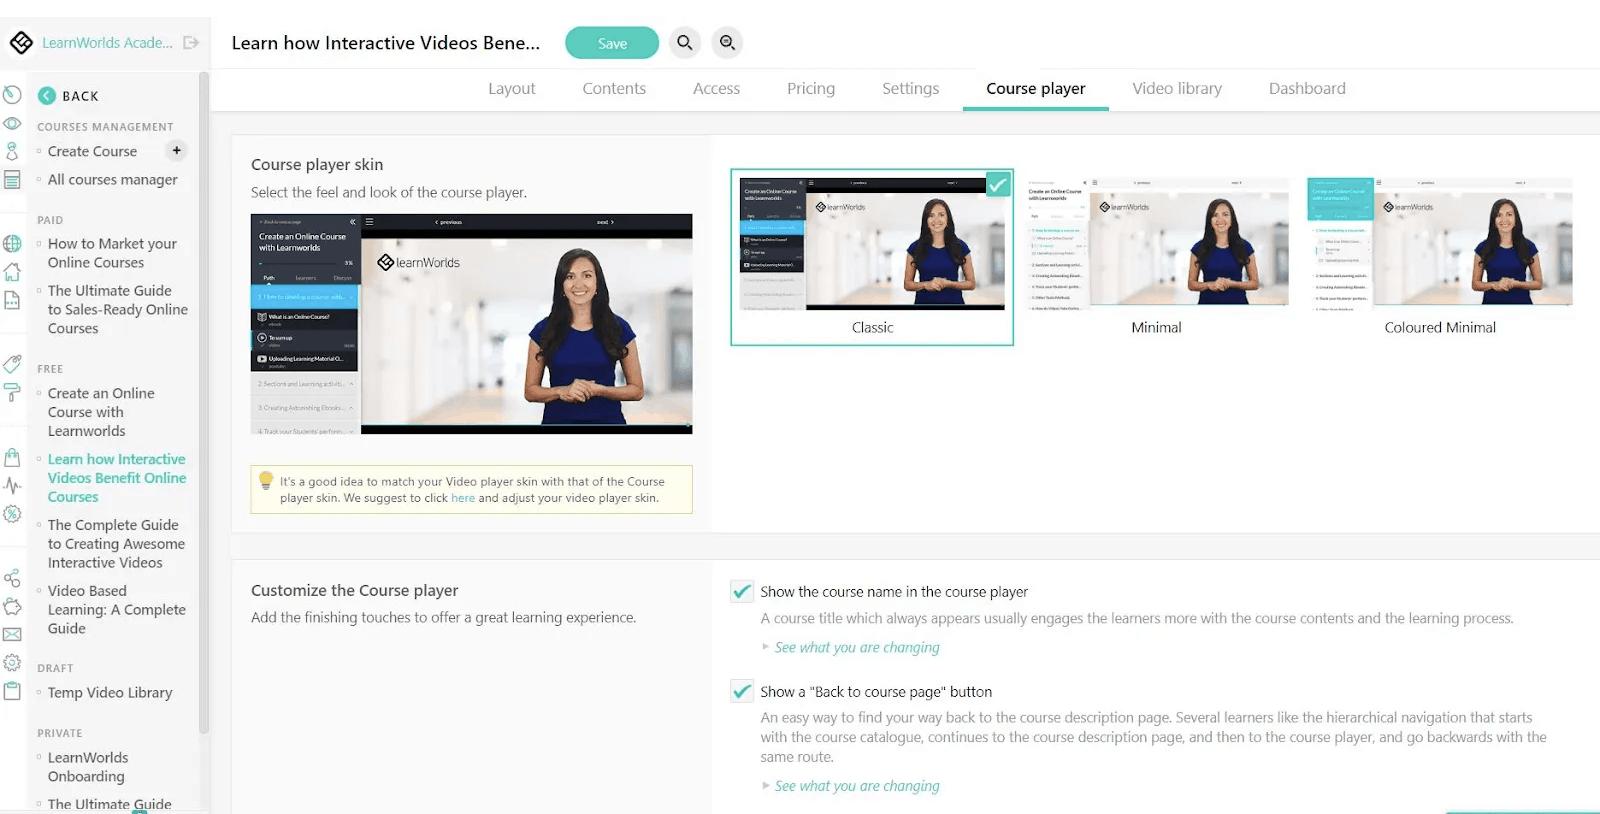 LearnWorlds interace